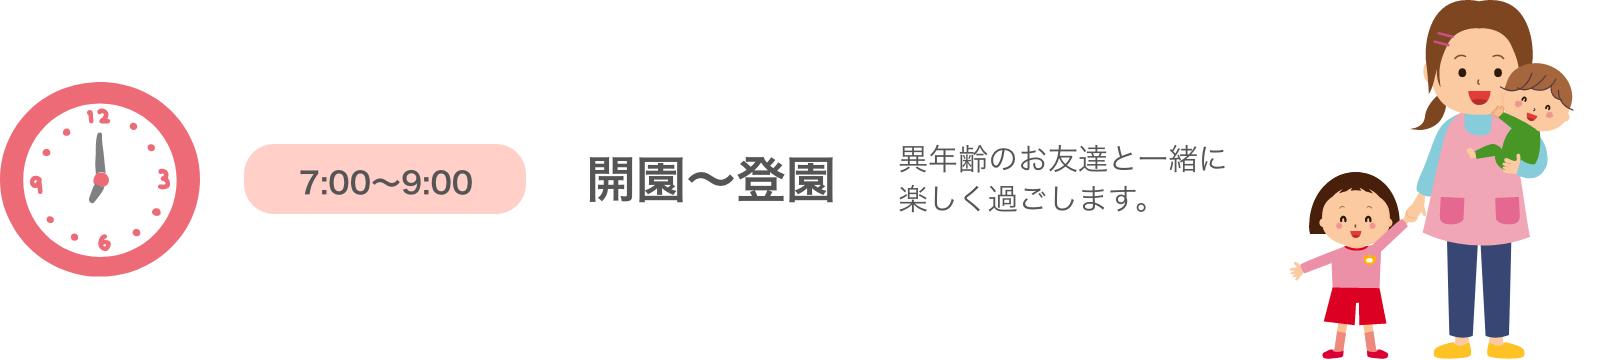 7:00〜9:00 開園〜登園